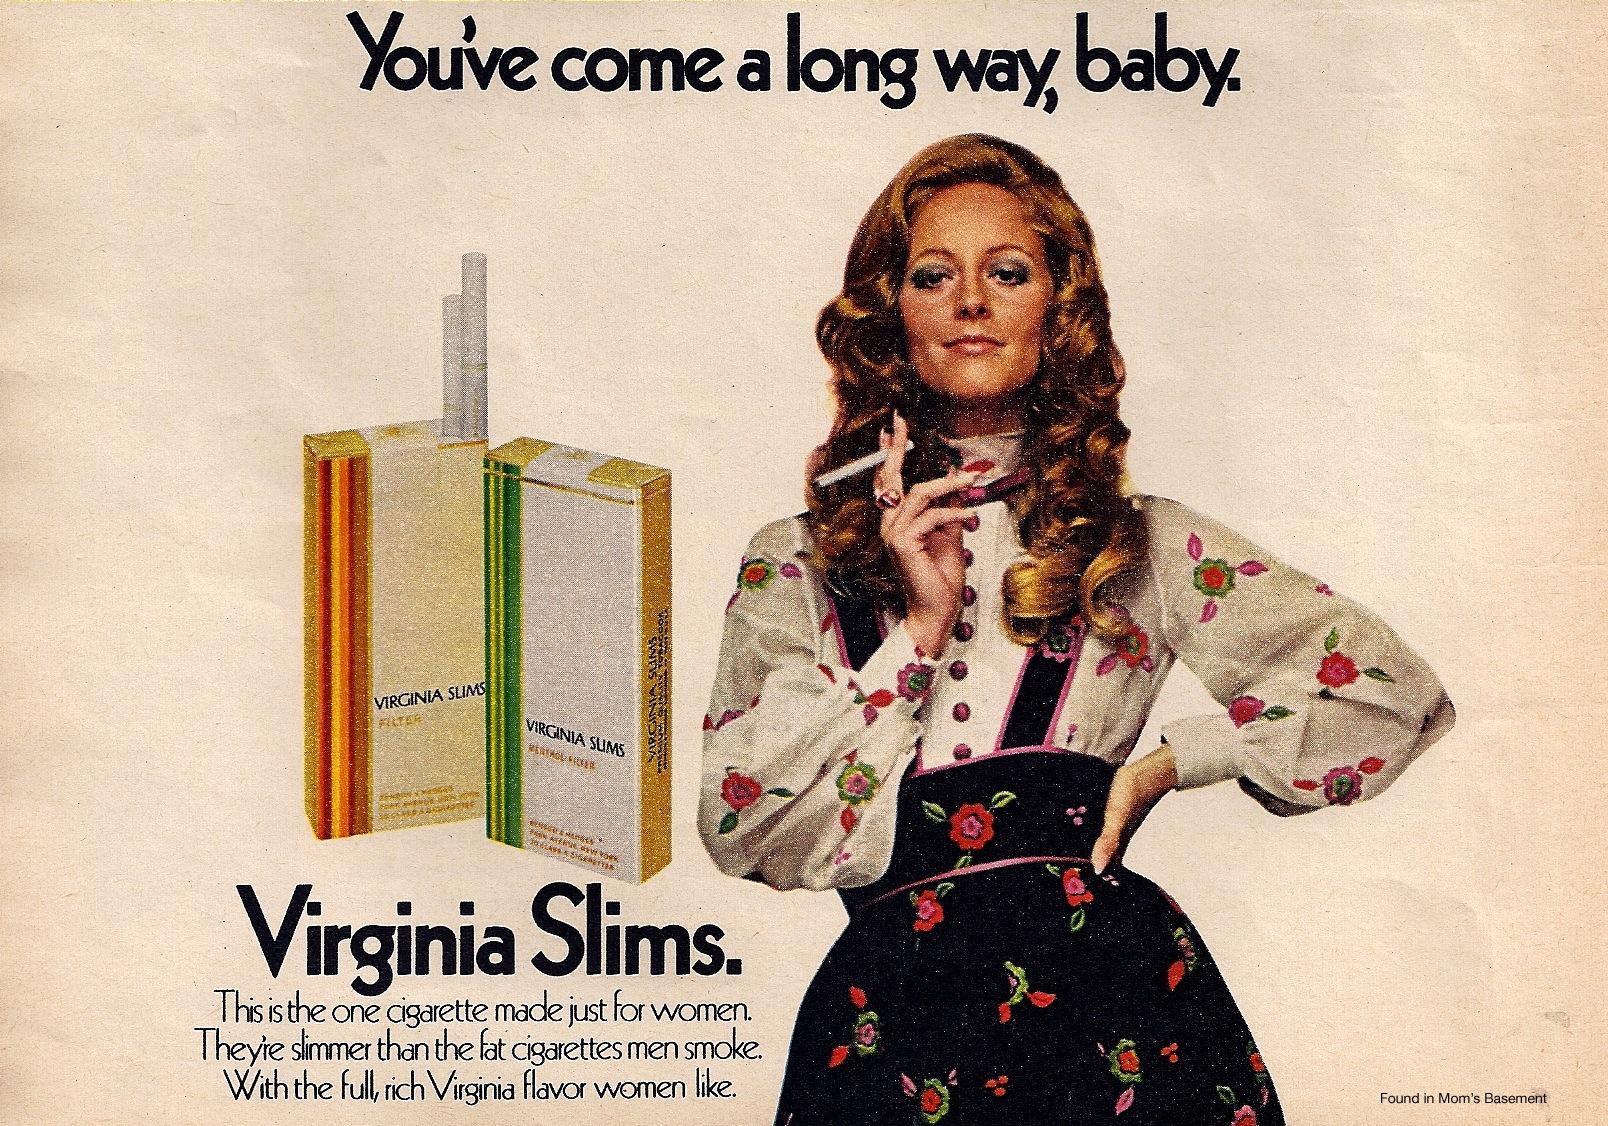 Virgina slims